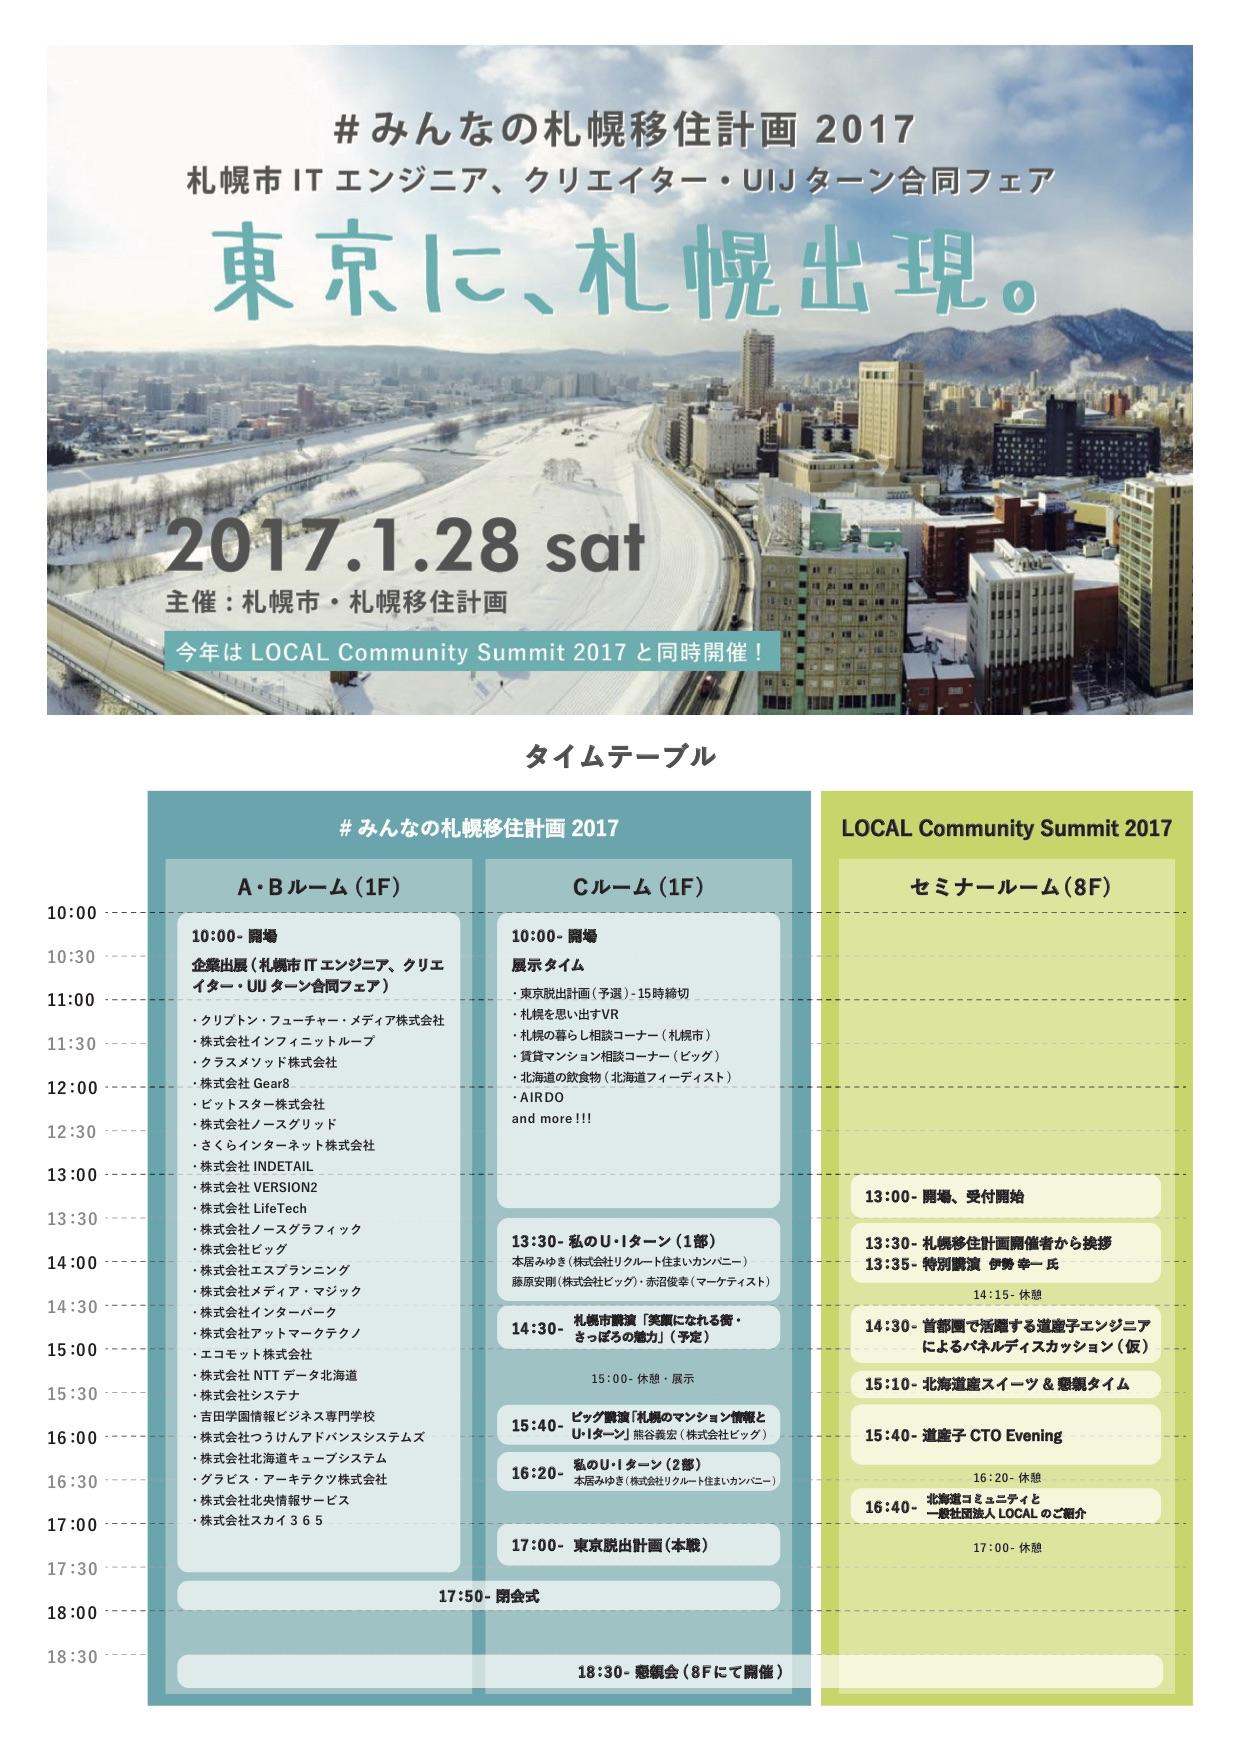 #みんなの札幌移住計画 2017タイムテーブル